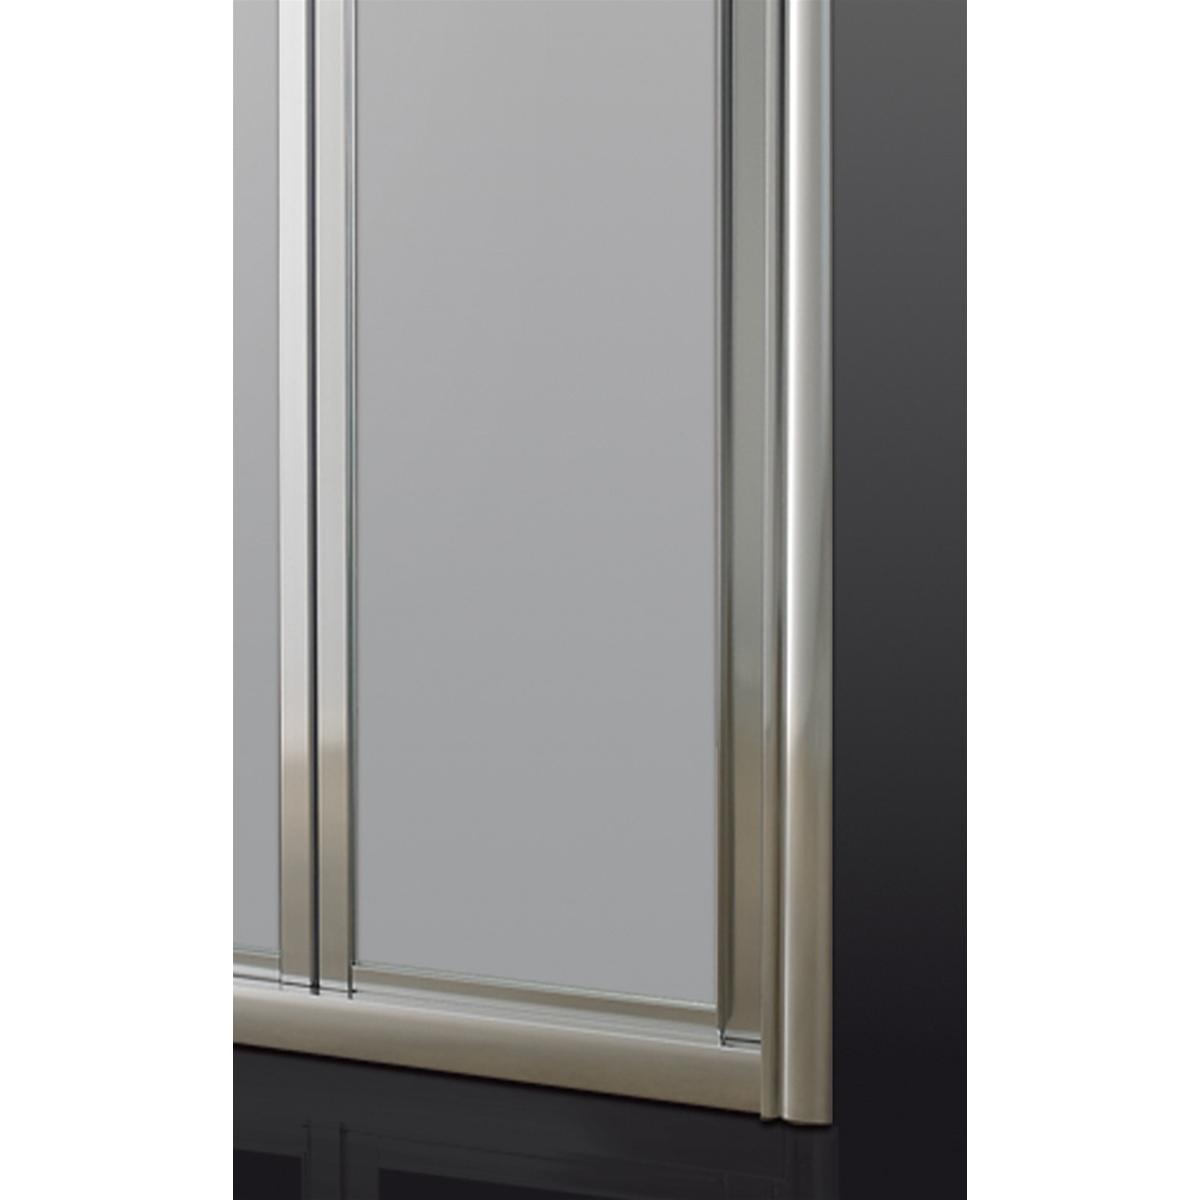 Porta doccia a soffietto cm 70 70 70 profilo cromo cristallo satinato 6 mm h.195 cm d5ca12